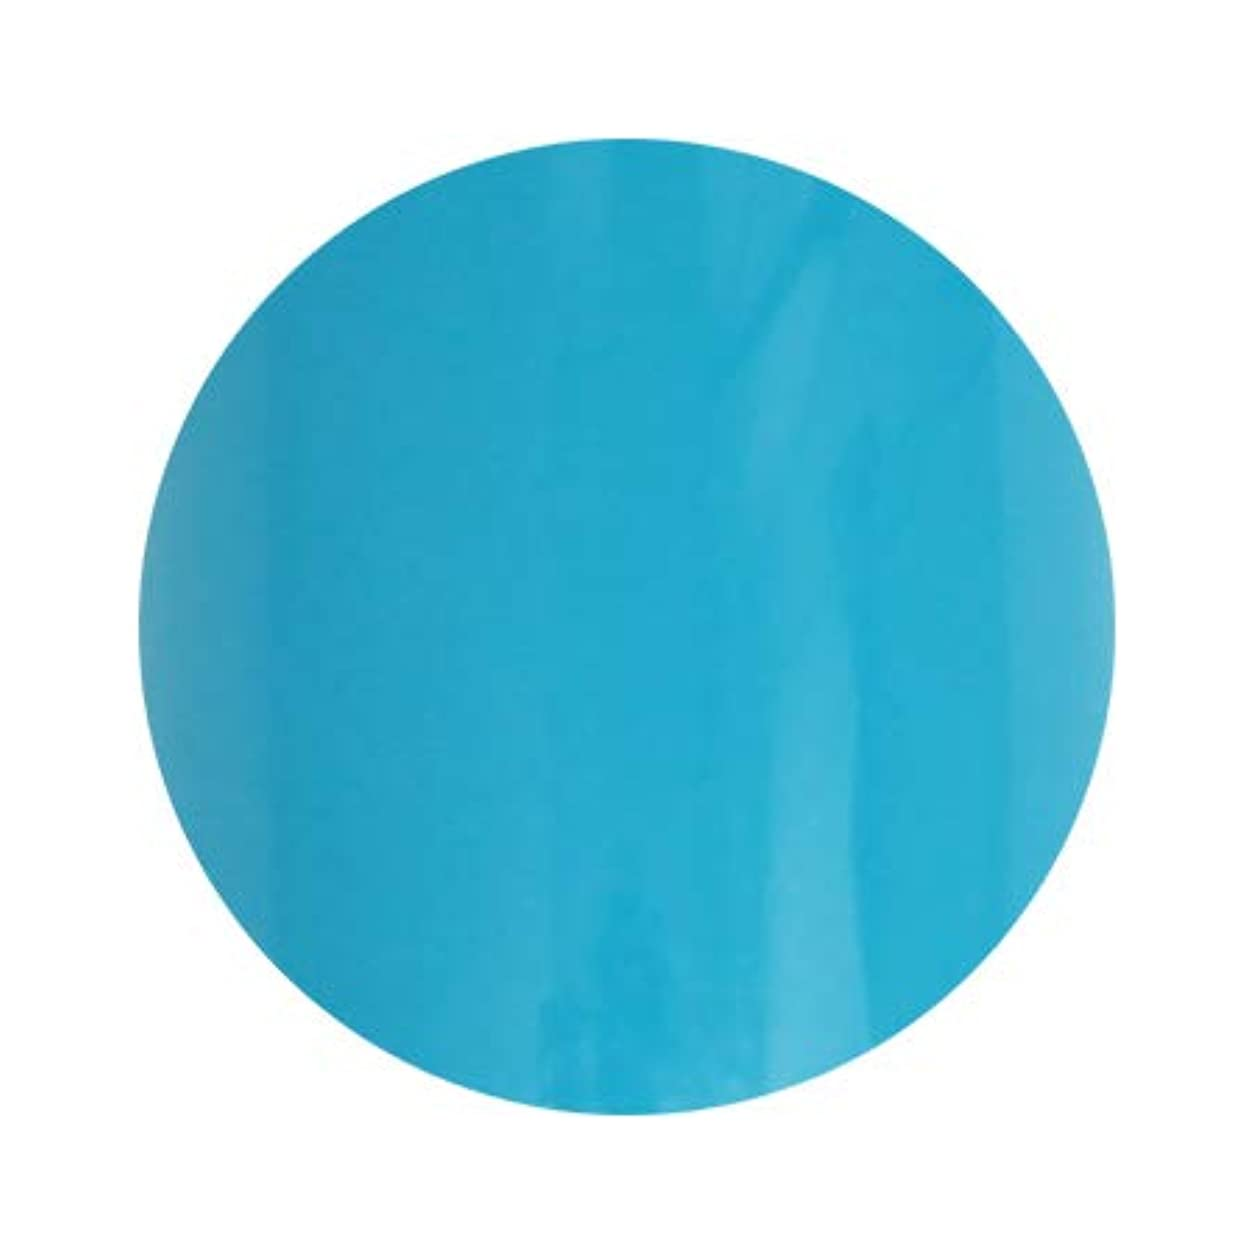 封建スカート暗黙LUCU GEL ルクジェル カラー BLM14 ネイティブブルー 3.5g